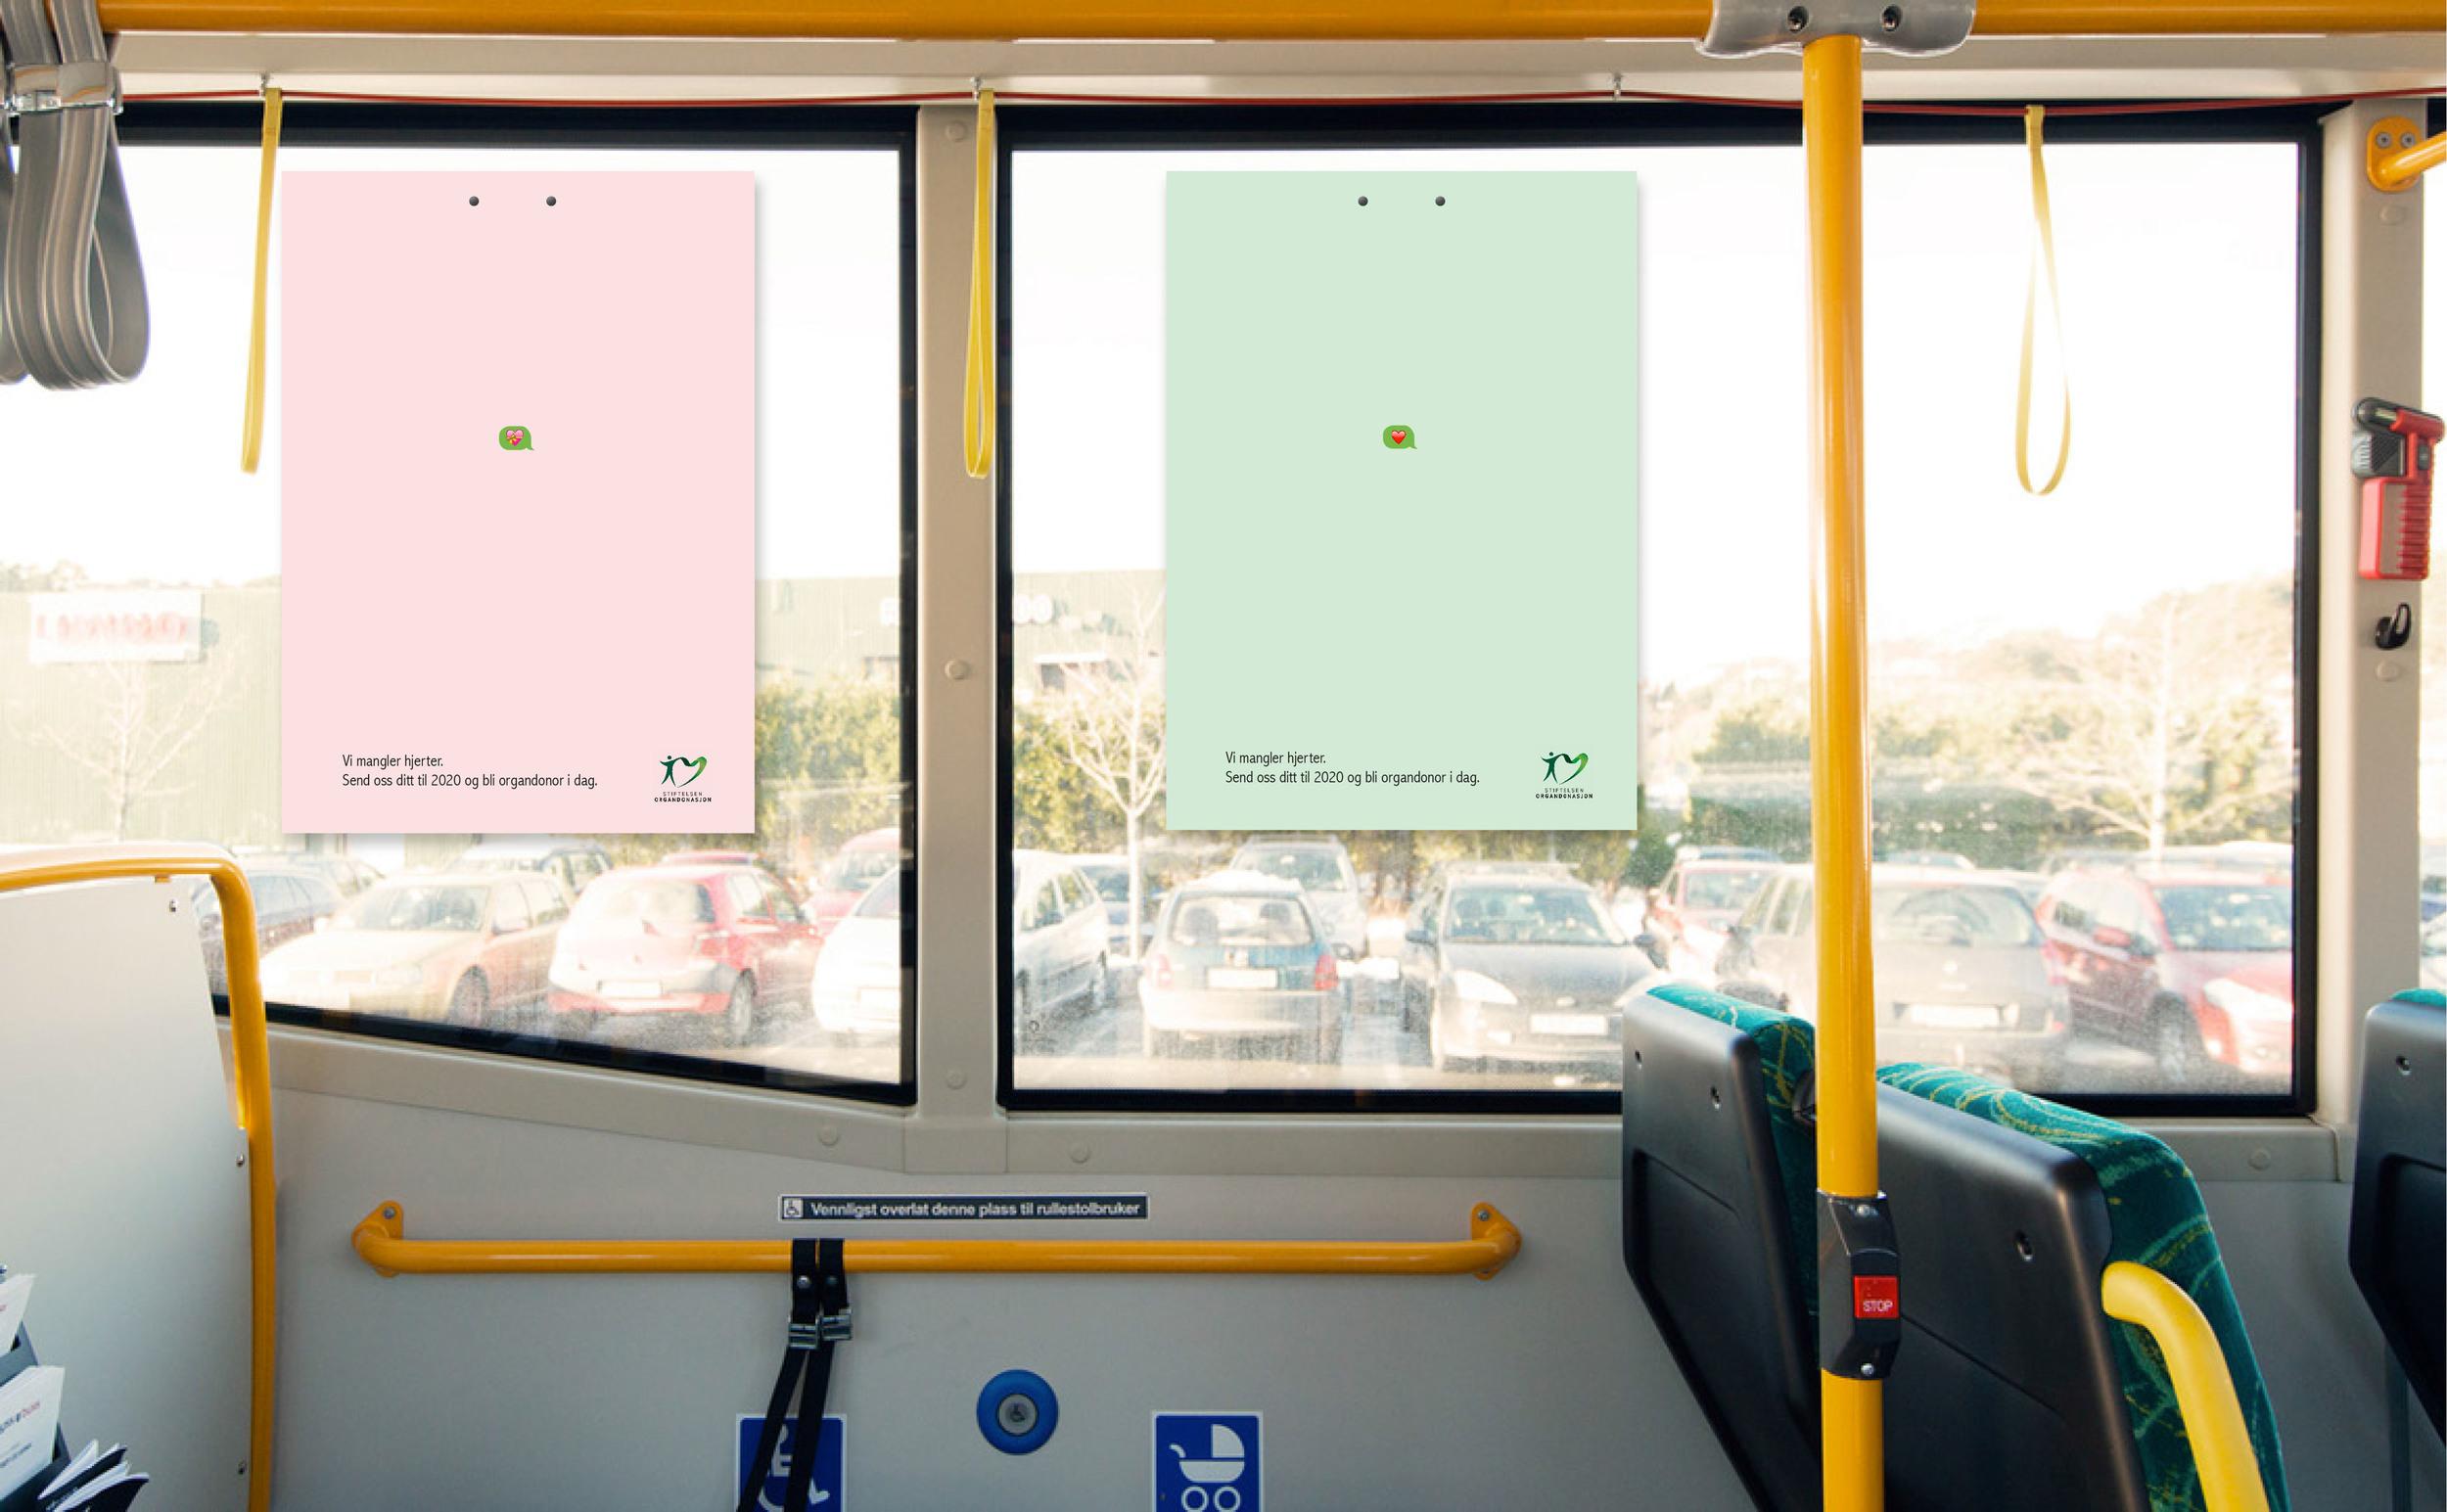 bussposters.jpg